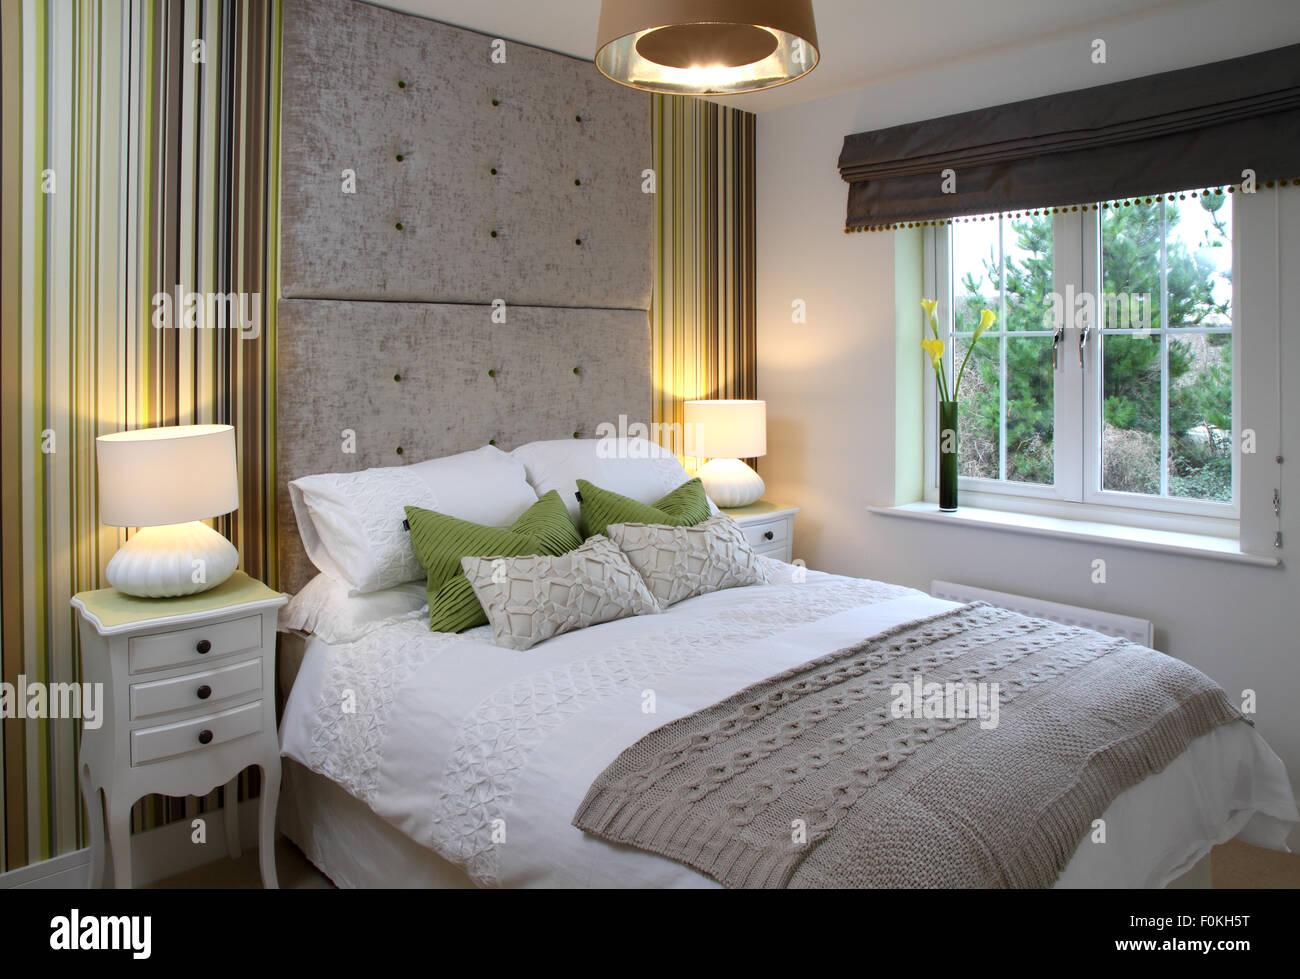 Nuova camera da letto con comodini e lampade altezza doppia